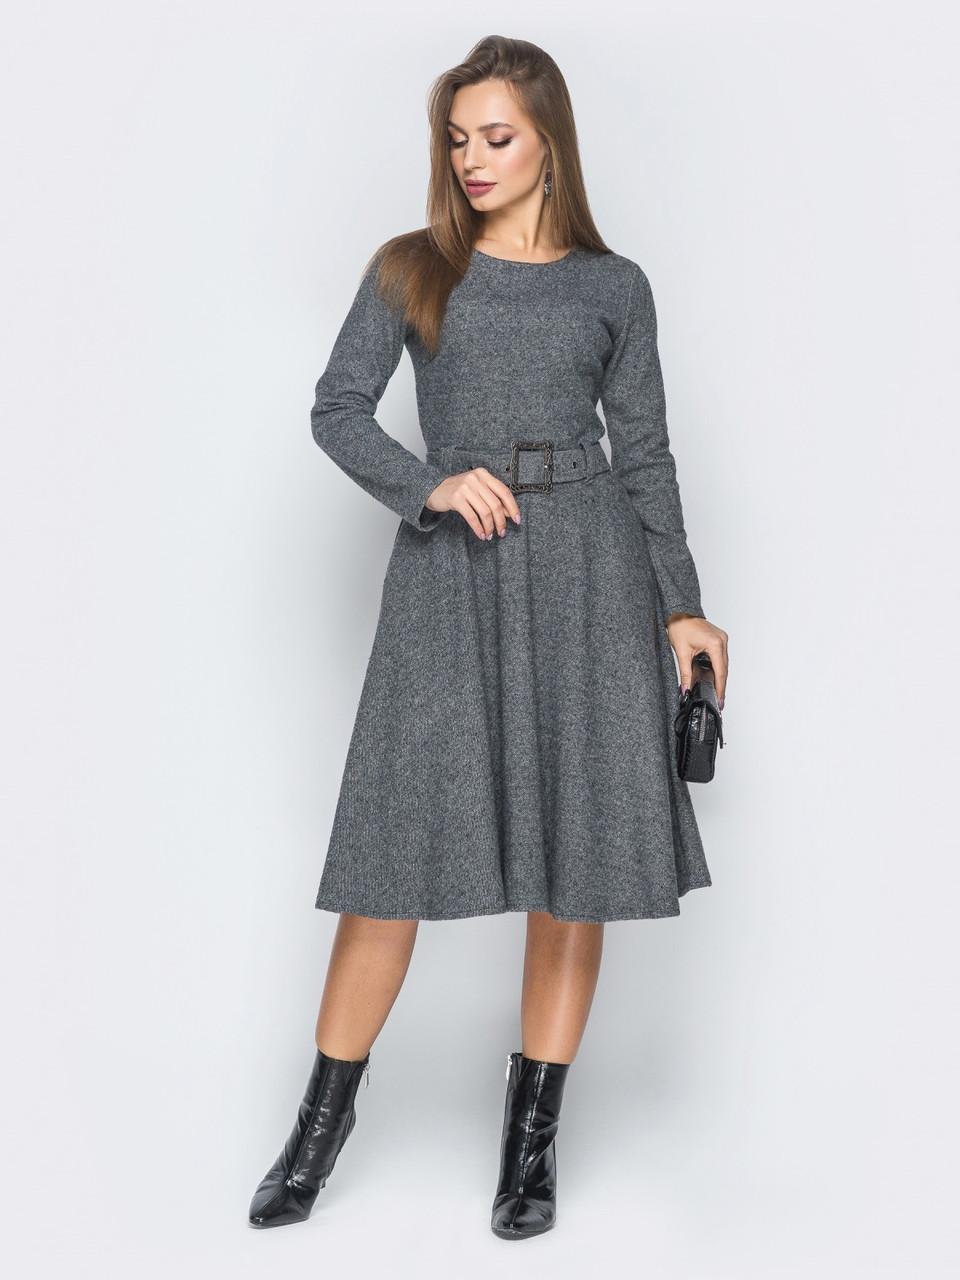 99f6bbb1607 🎈Теплое платье с расклешенной юбкой (с поясом и карманами